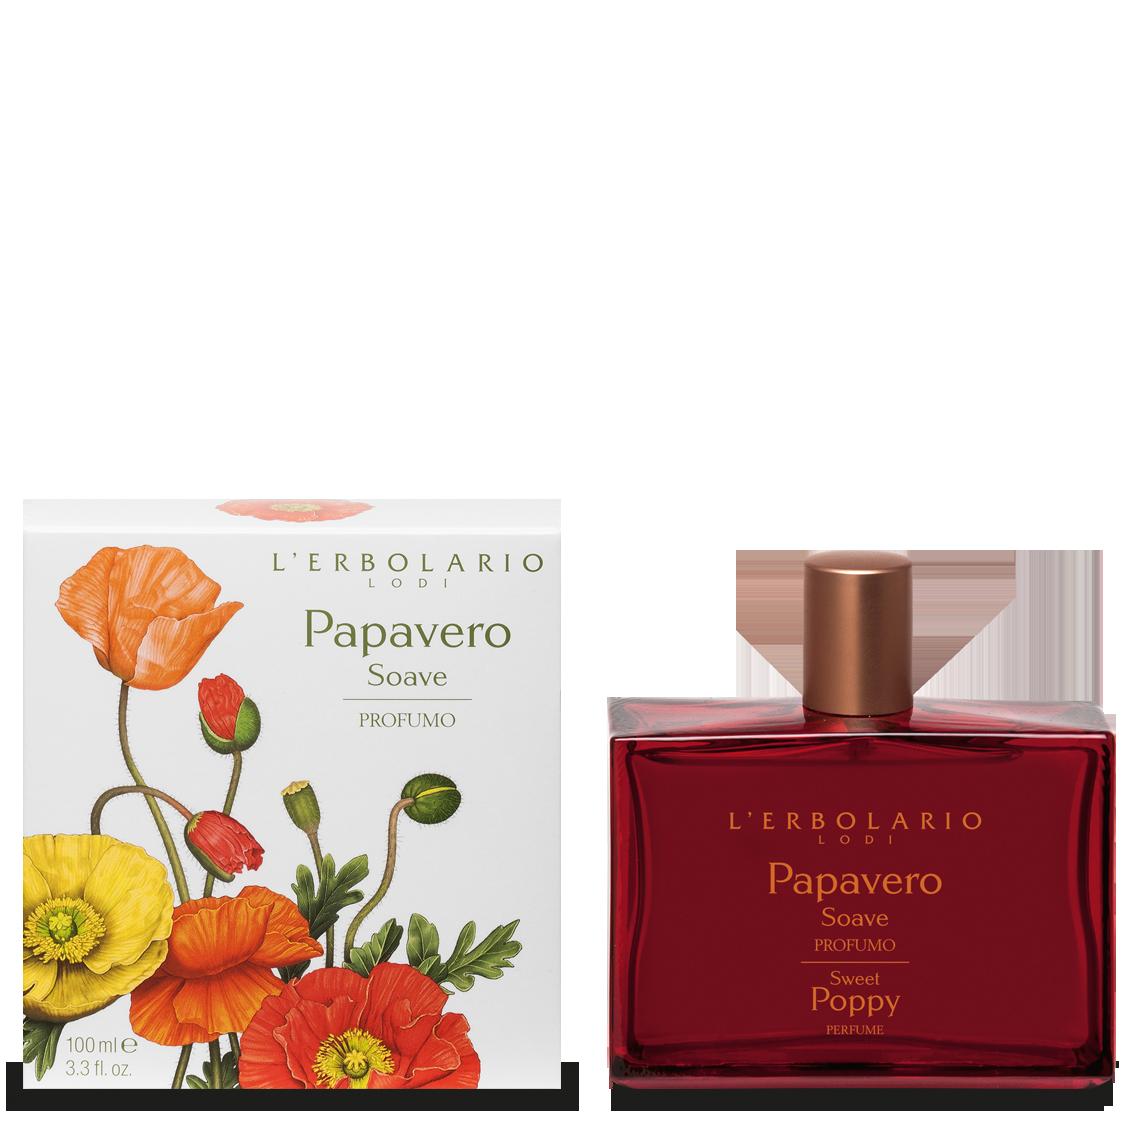 L'Erbolario, Apa de parfum Papavero, 100ml